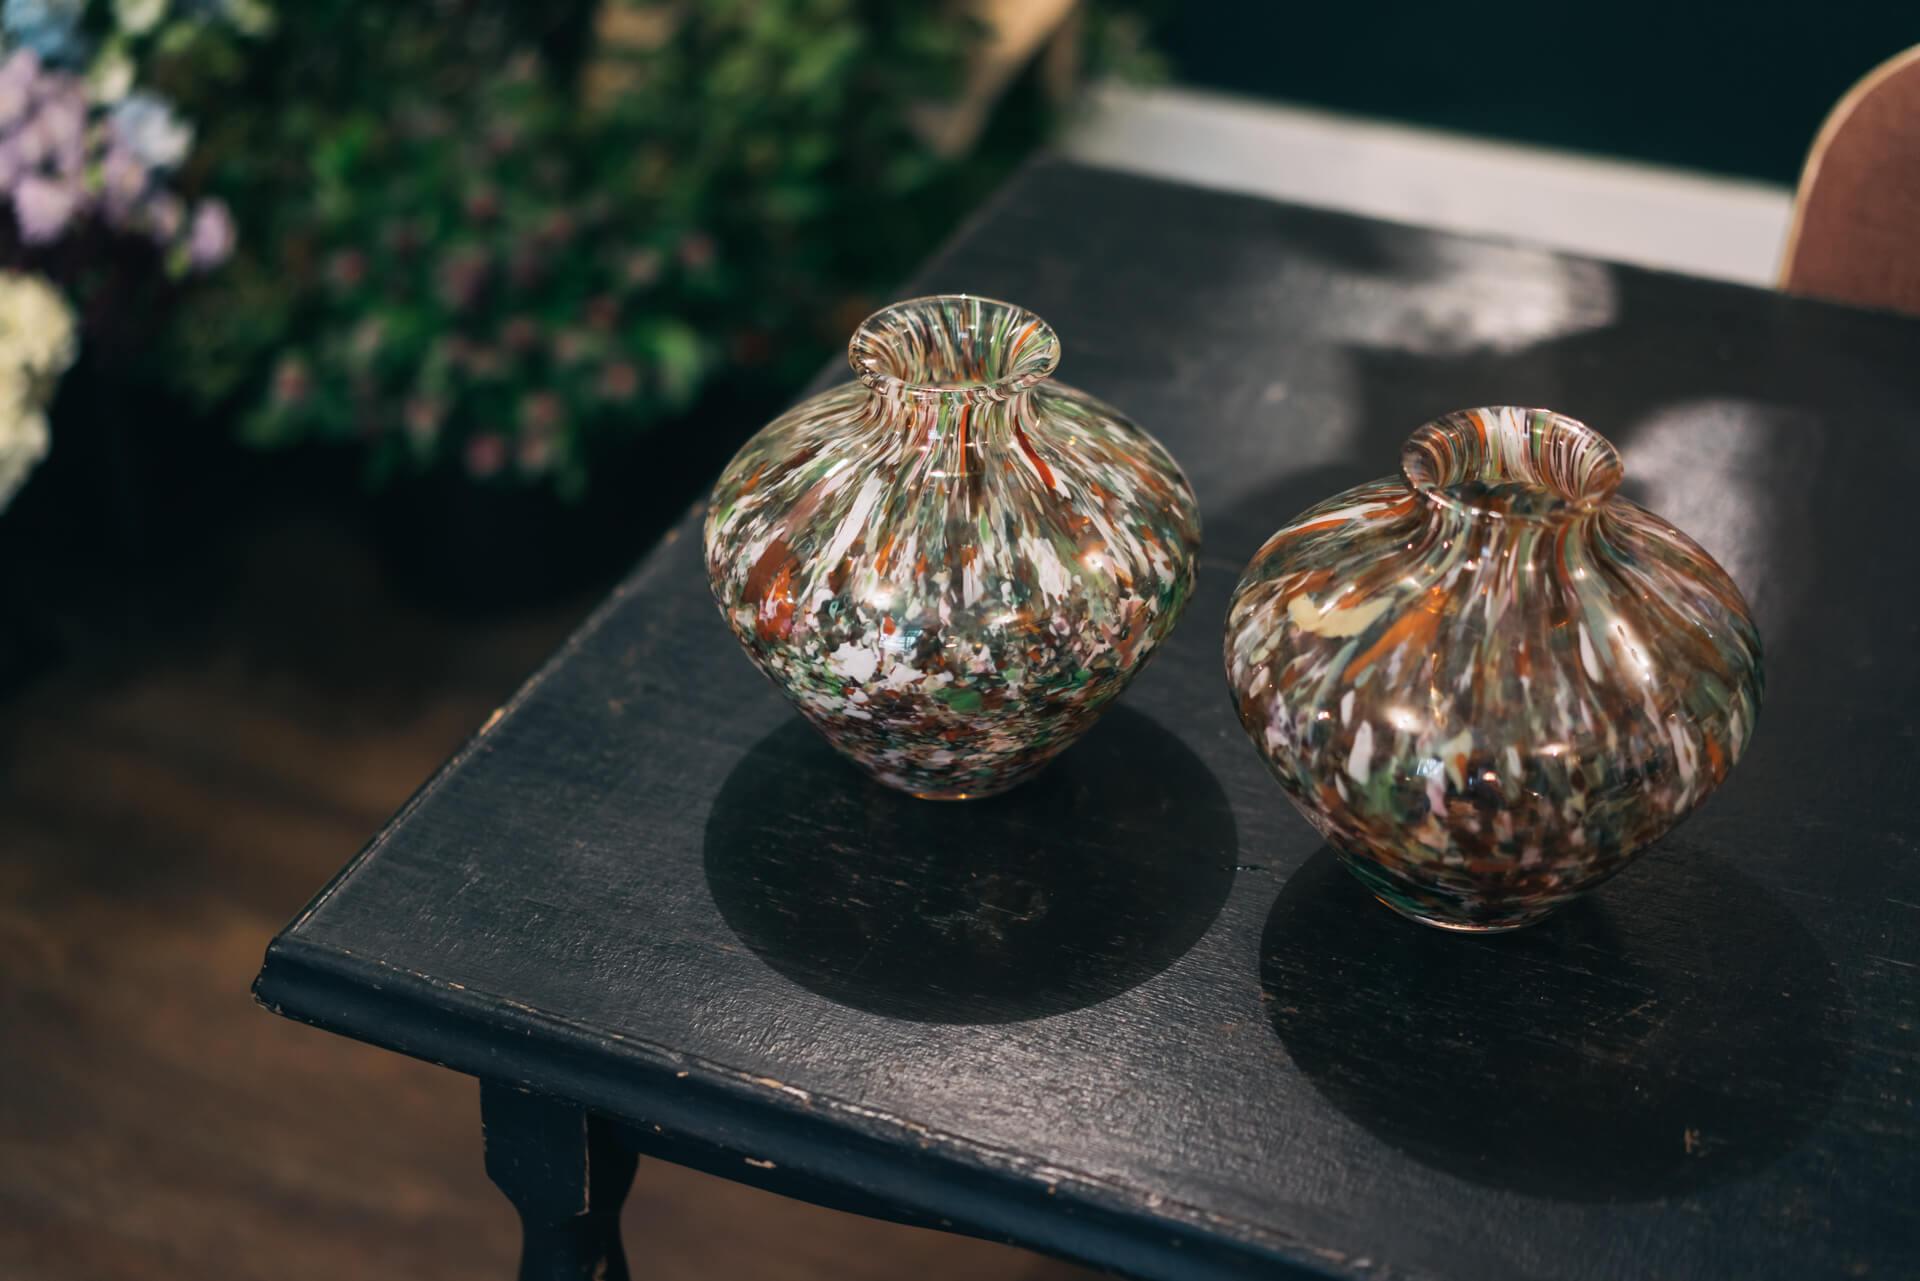 大きめの花瓶でも、口がすぼまっているものであれば、全体にメリハリが出てうまくまとまるそう。